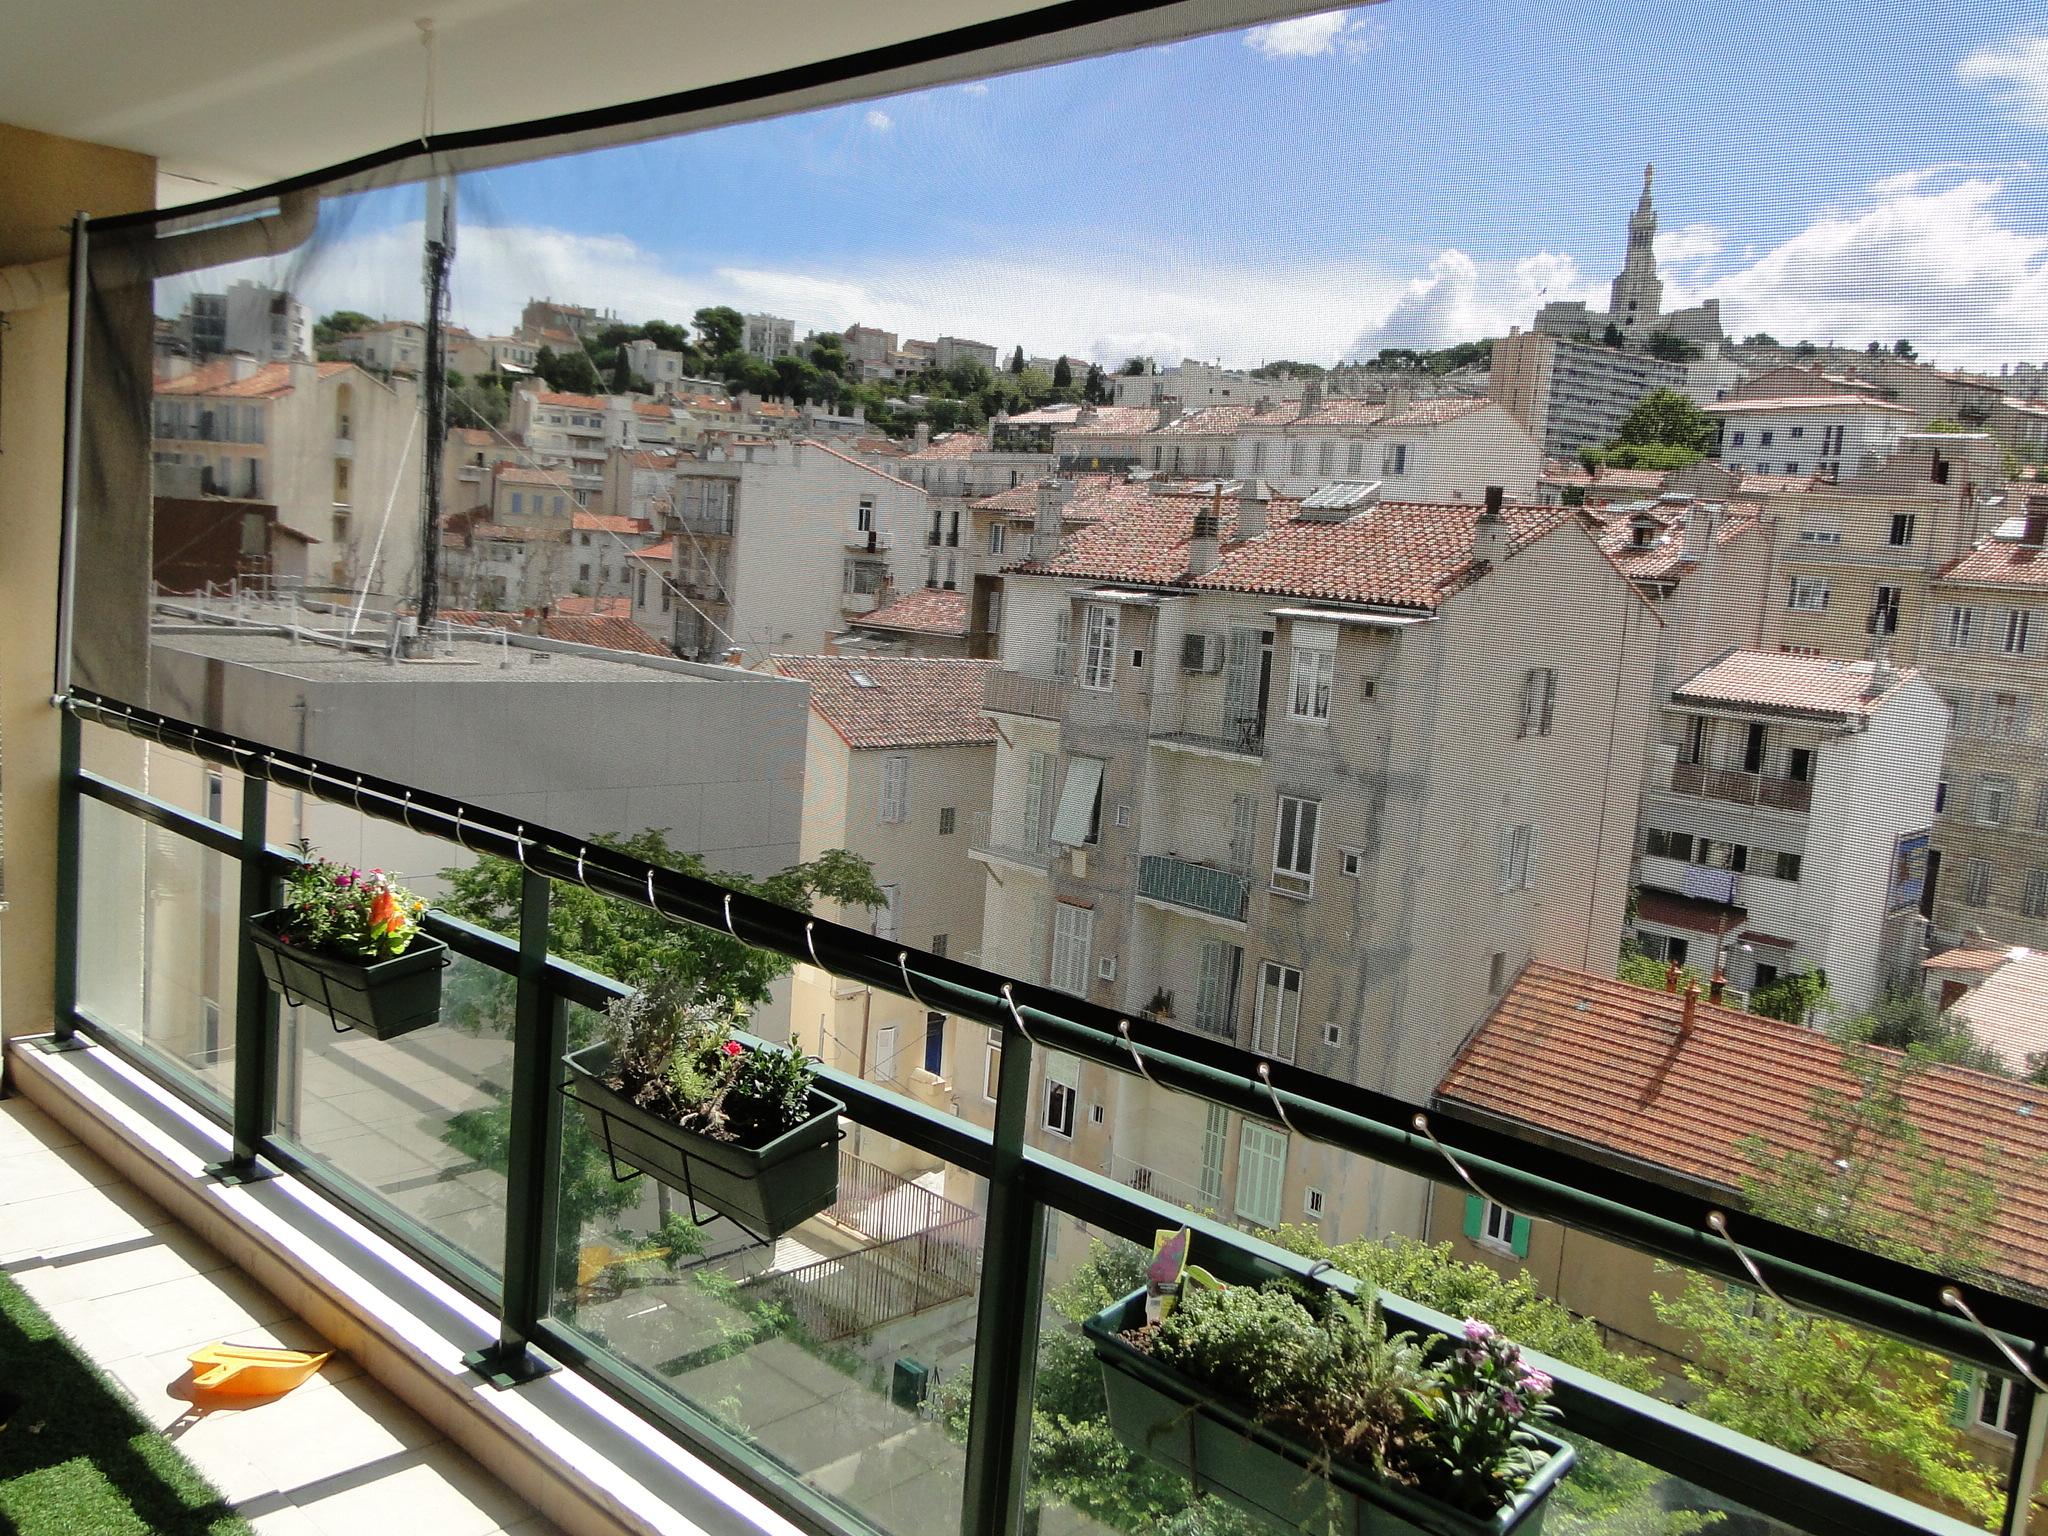 filets d 39 escalier balcon fen tre piscine terrasse s curit enfant. Black Bedroom Furniture Sets. Home Design Ideas